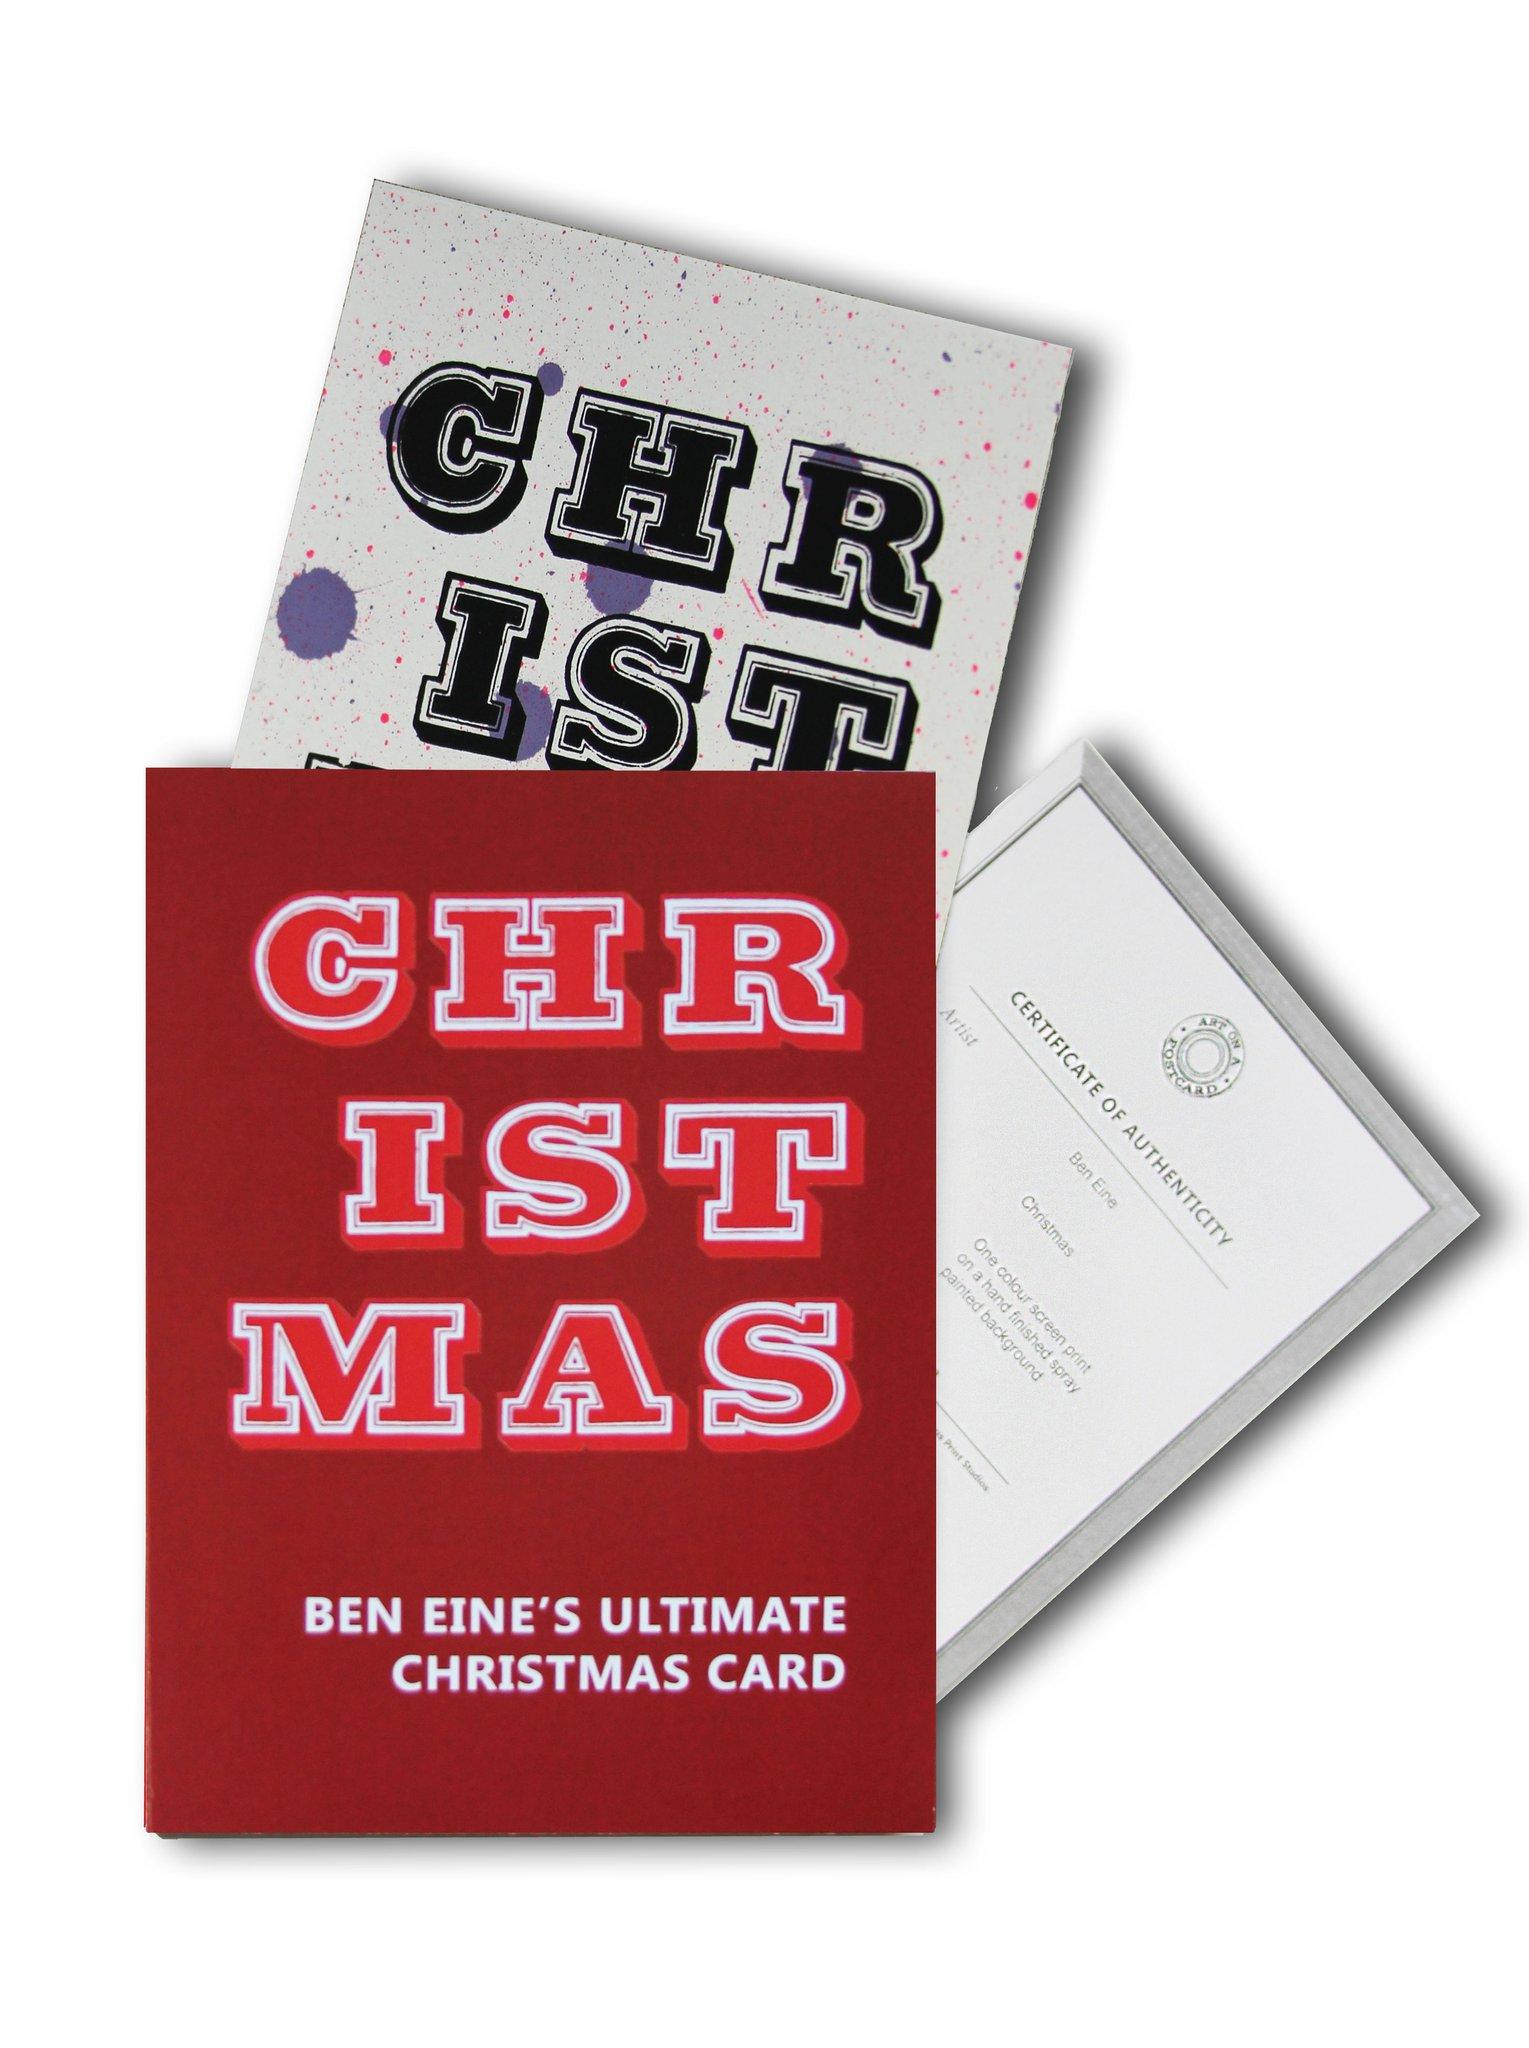 Ben_Eine_Christmas_Card_4_2048x2048.jpg